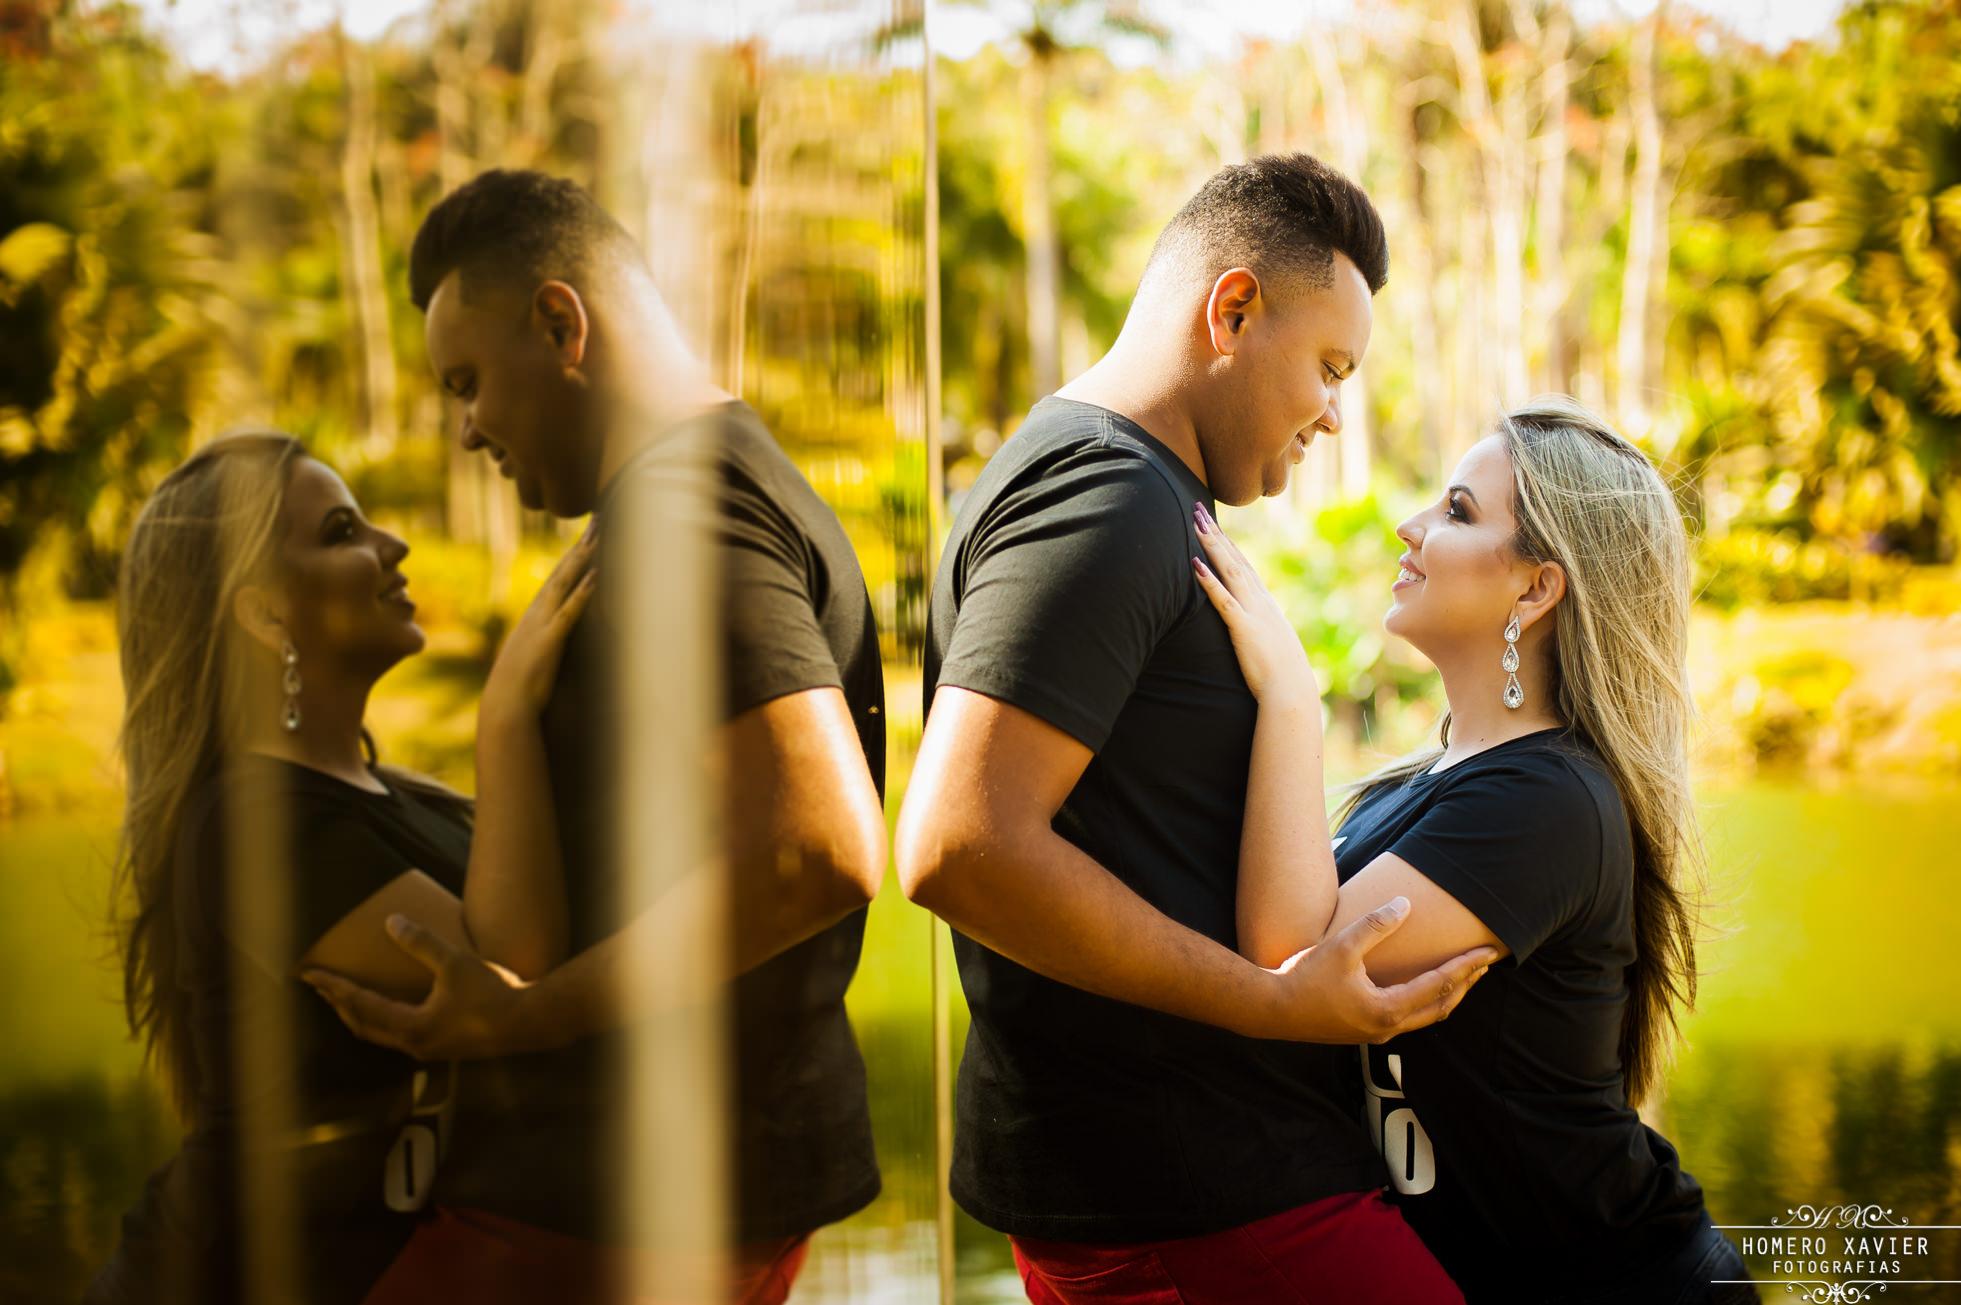 fotografia pre casamento em BH Inhotim